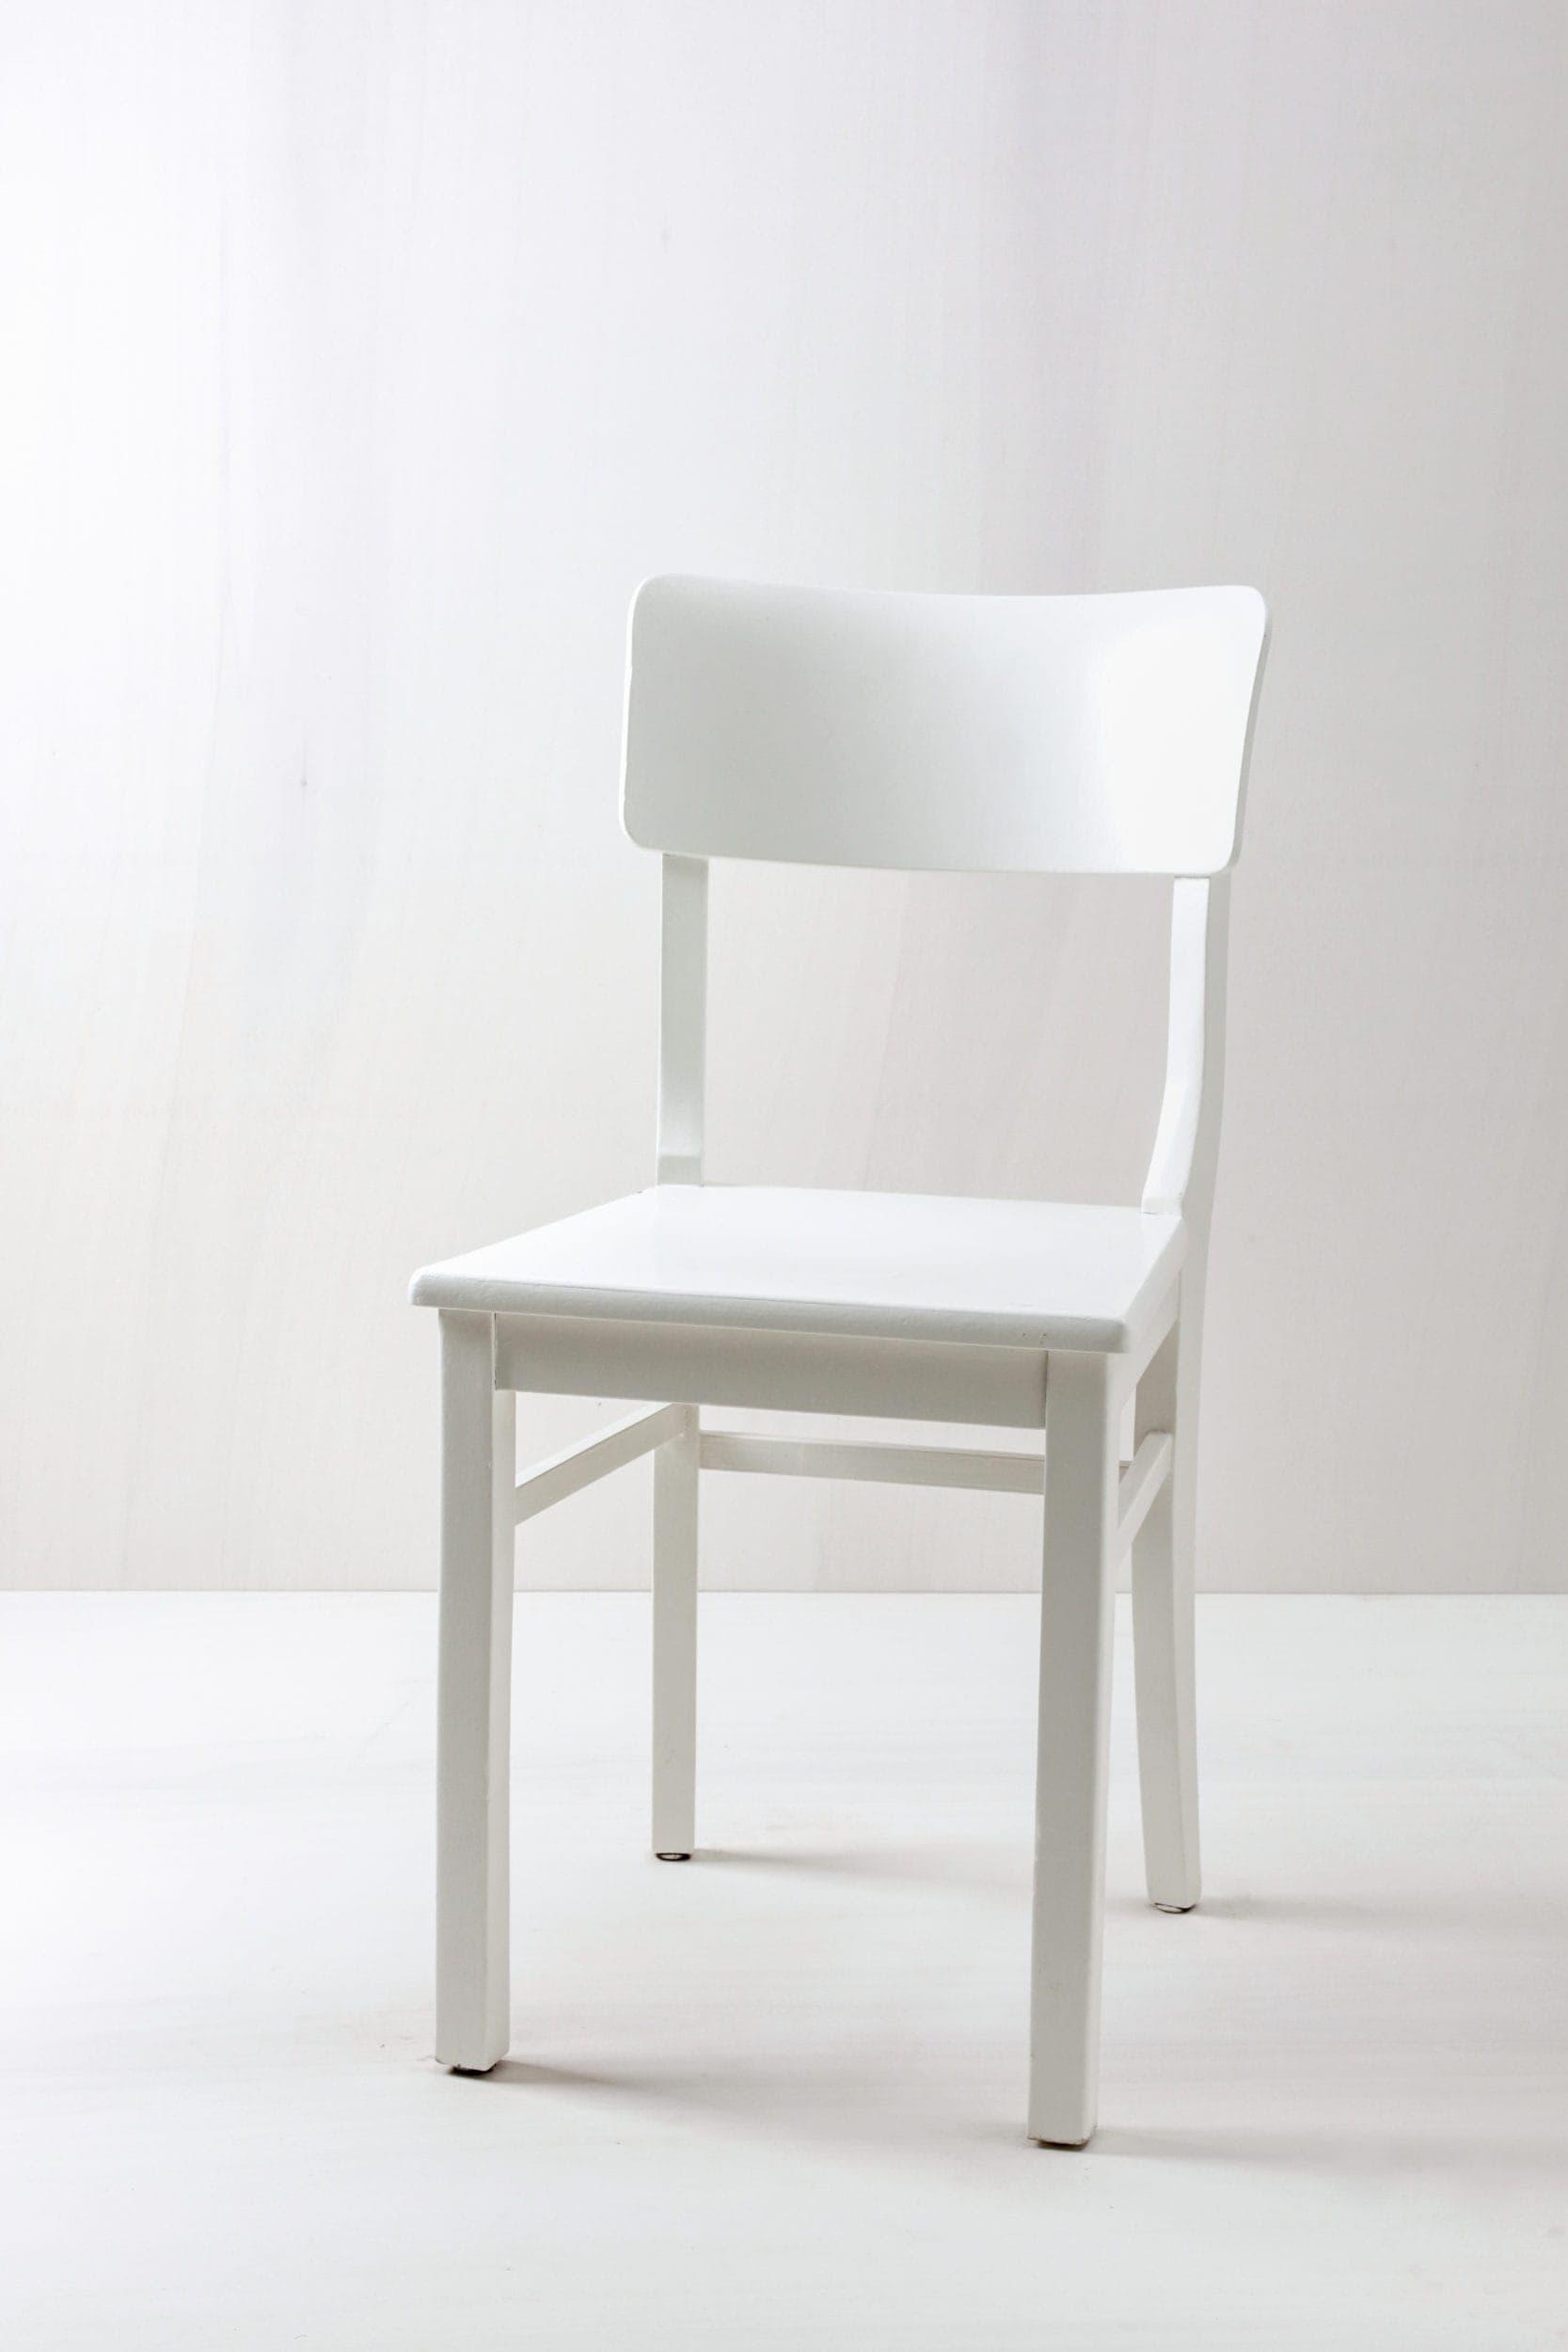 Stühle, Tische mieten Berlin , Stehtische, Bistrotische, Beistelltische